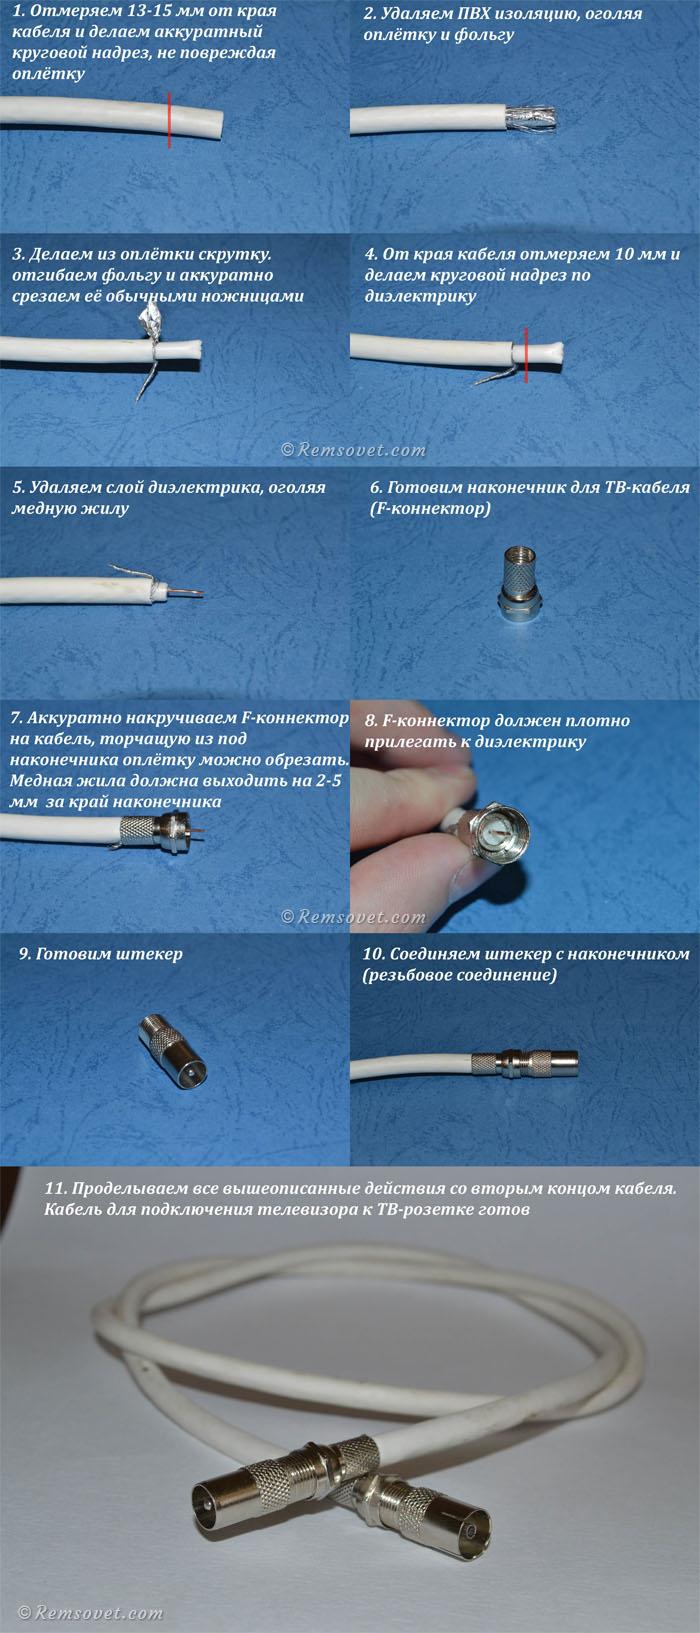 Штекеры антенны для телевизора (16 фото): как подключить переходник к телевизионному кабелю? виды антенных разъемов